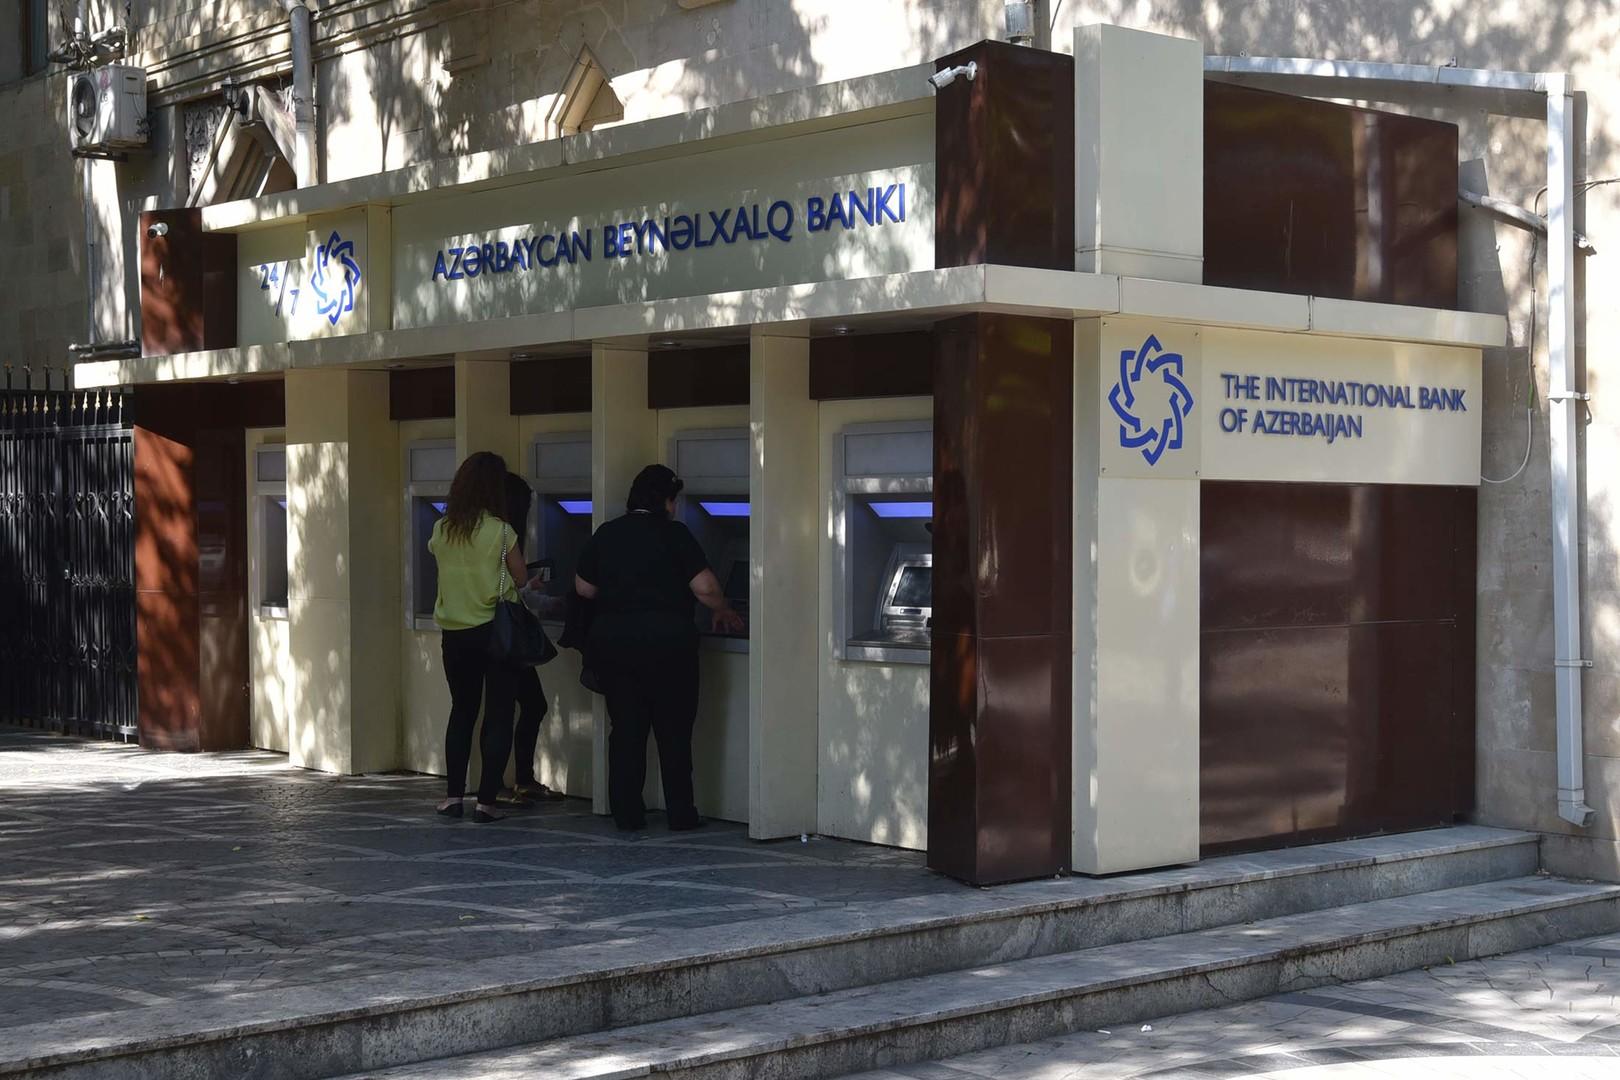 Долги по плану: что привело к реструктуризации кредитов крупнейшего госбанка Азербайджана